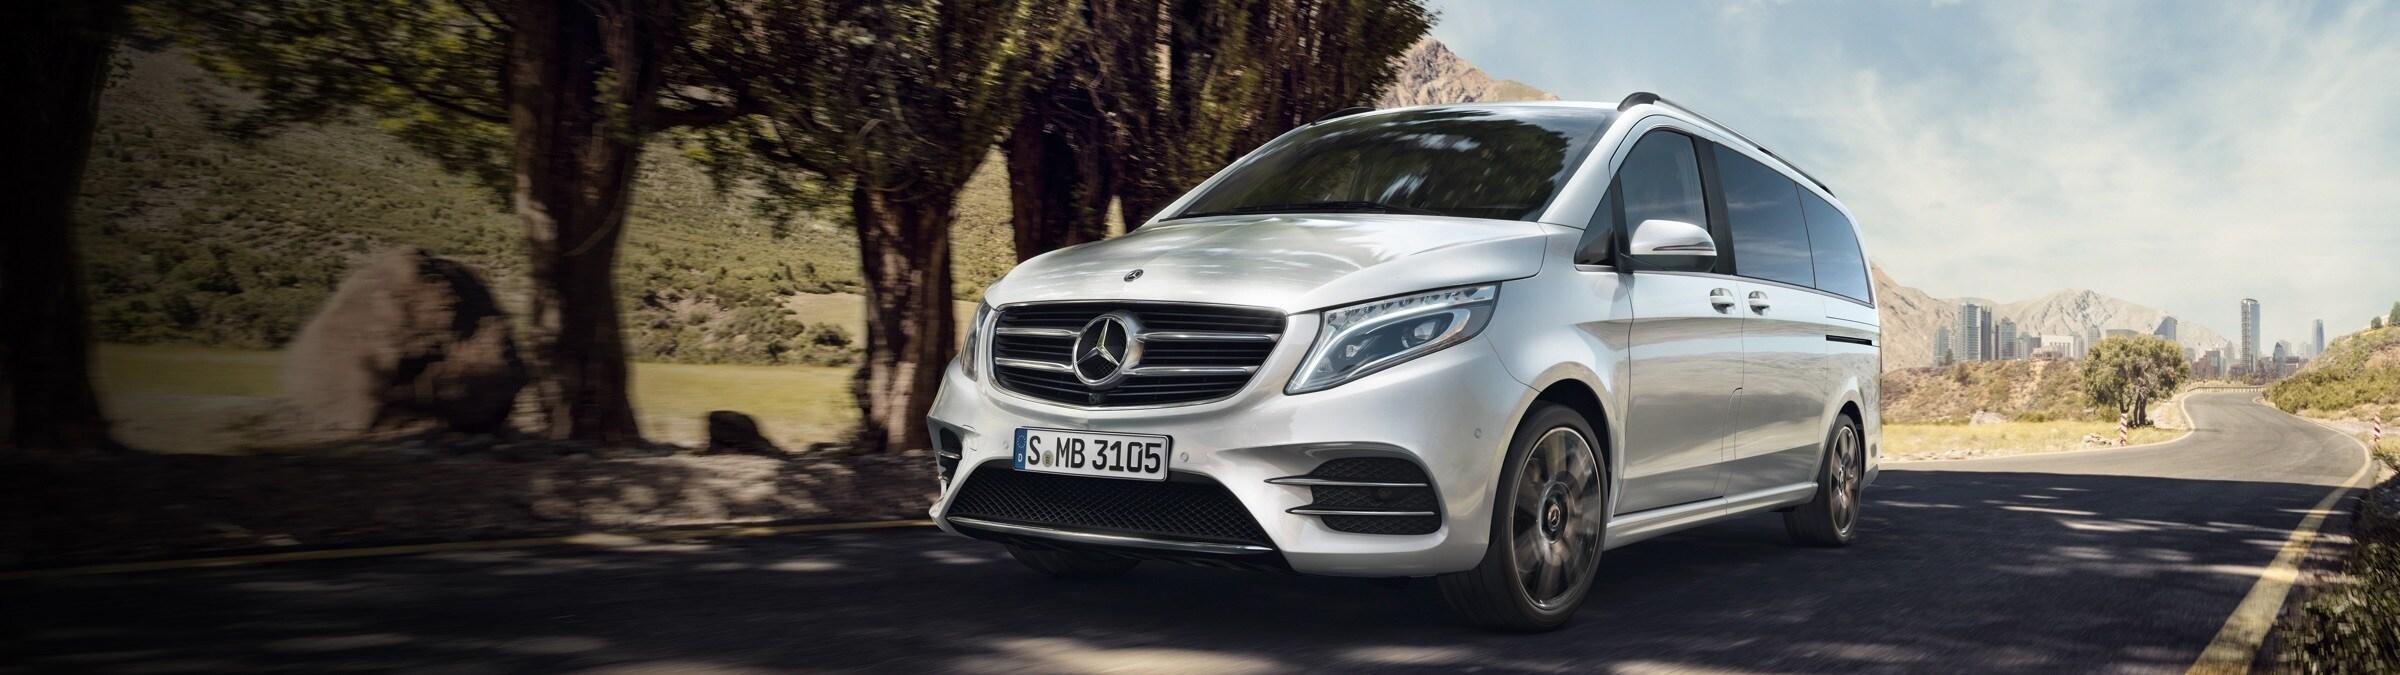 Incredibles 2 | Mercedes-Benz Mobile